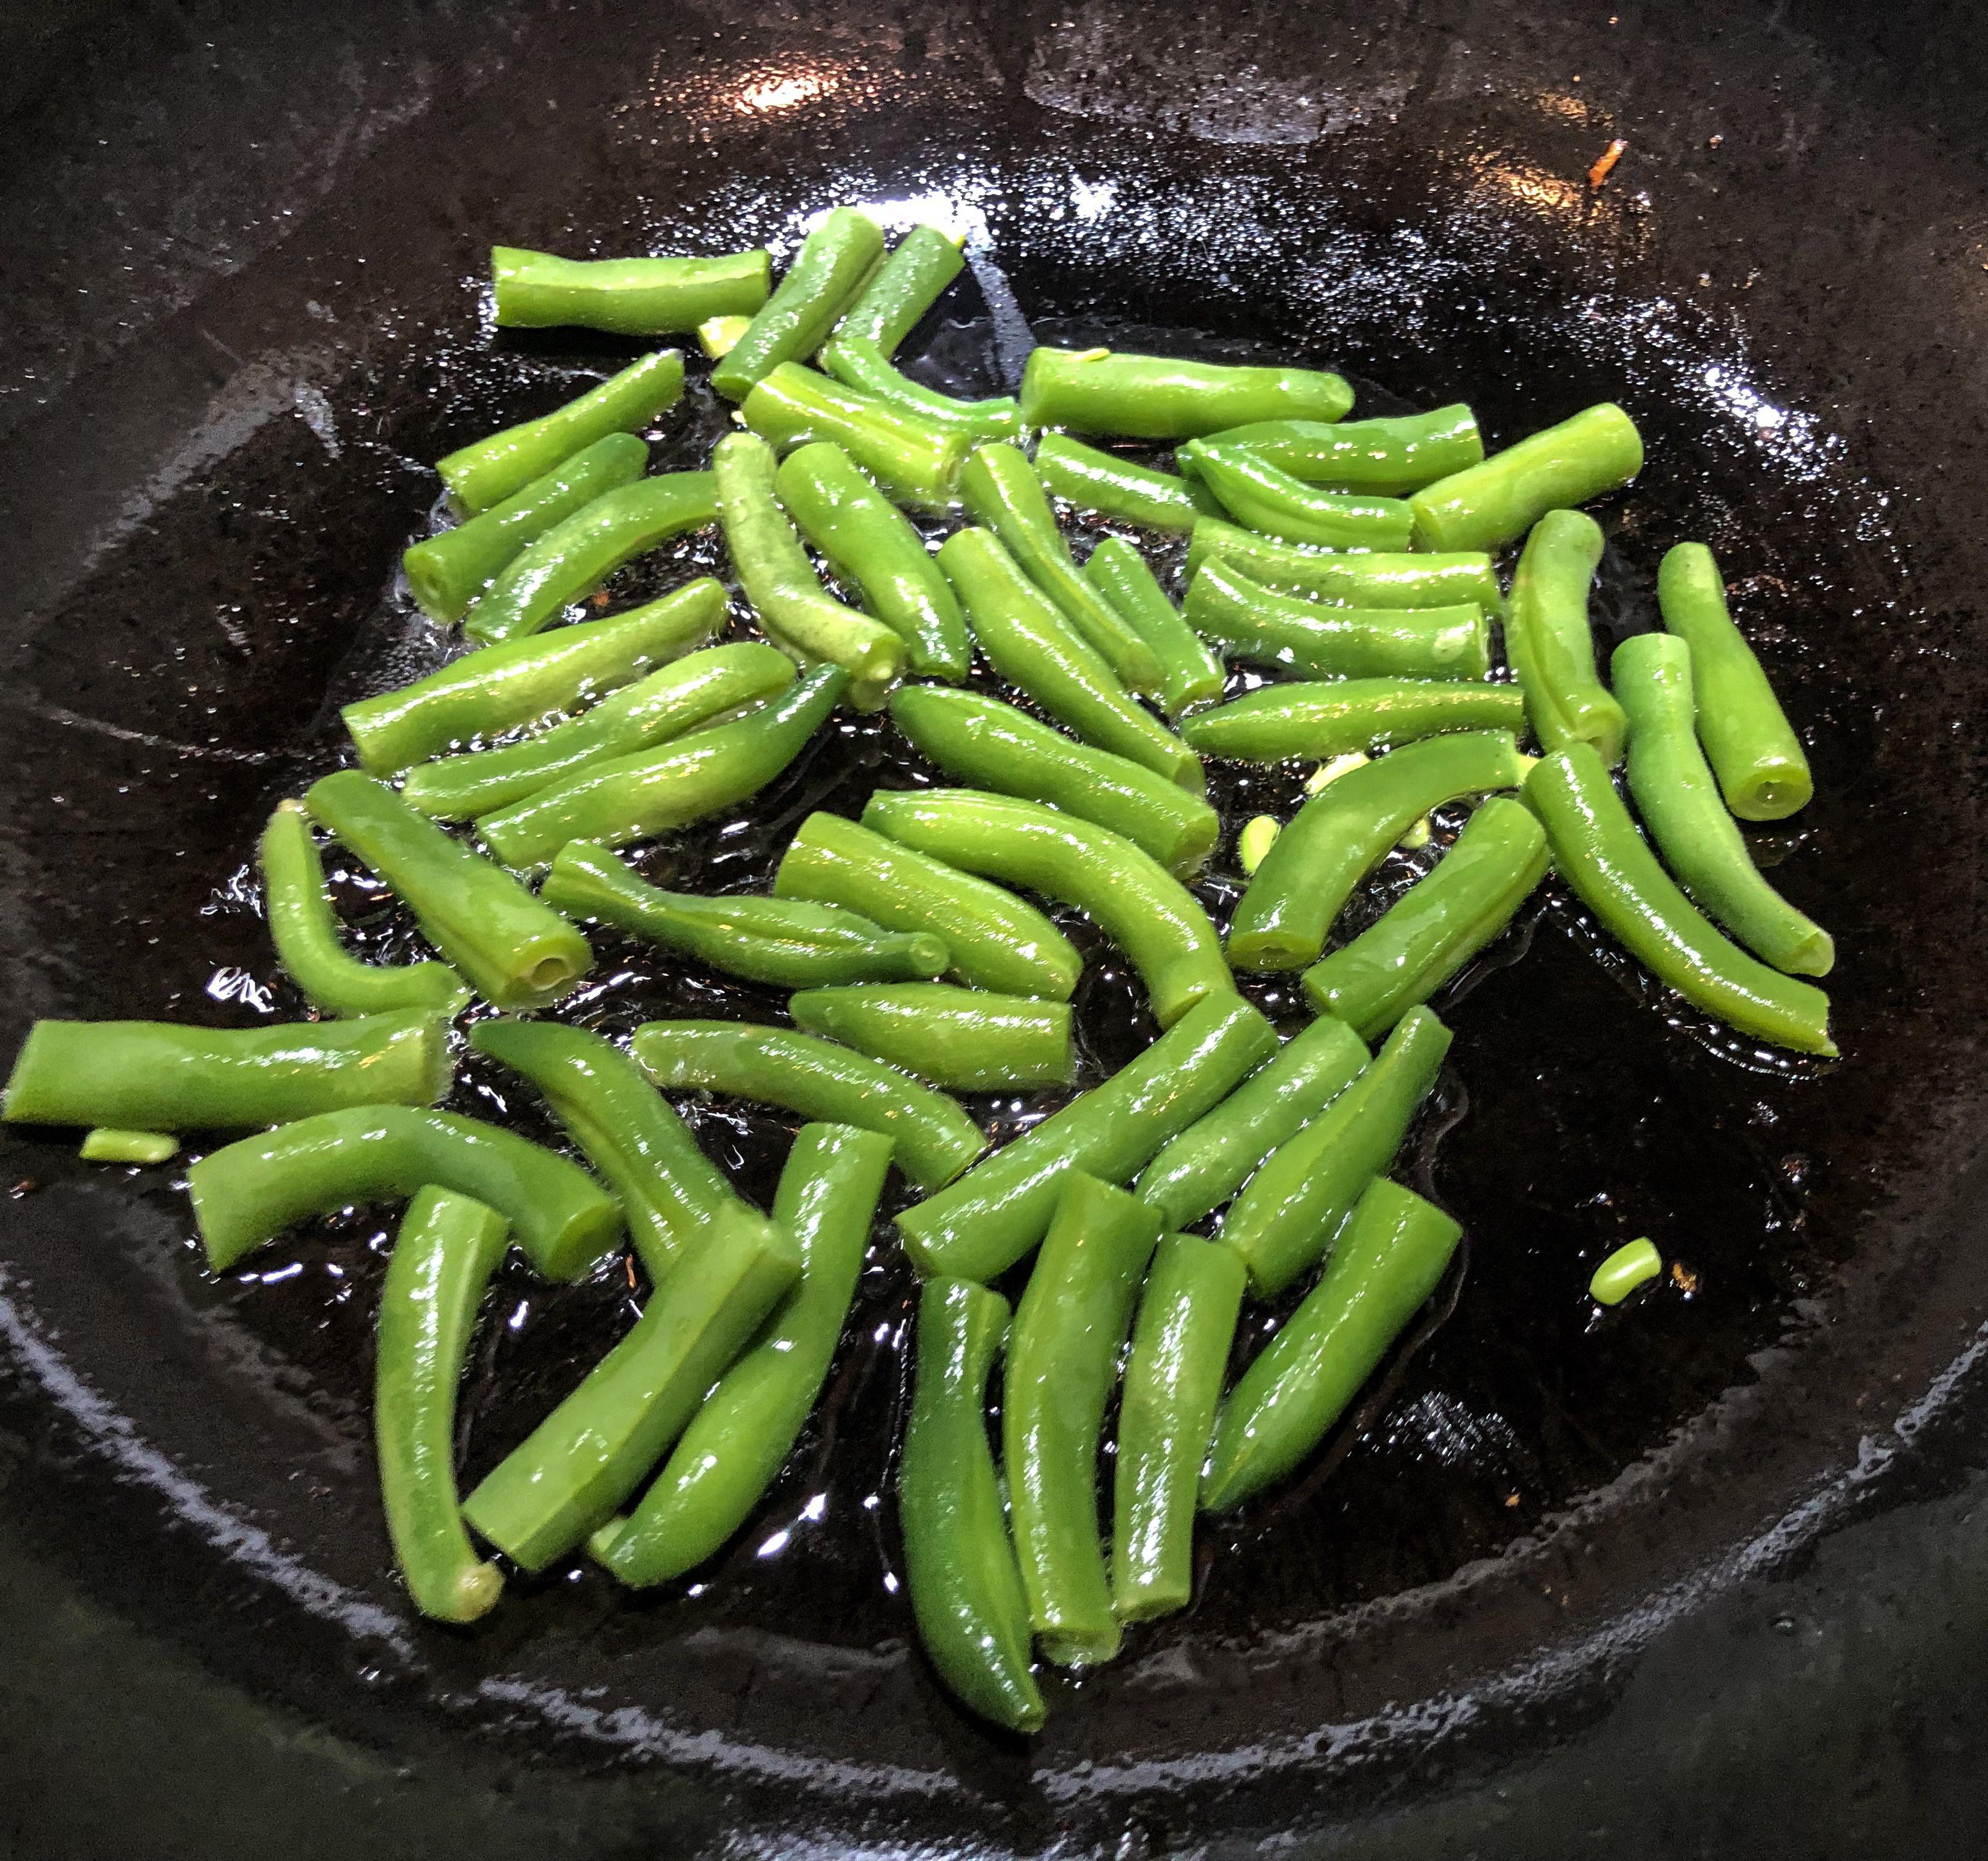 <p><strong>Зелен боб</strong></p>  <p>Задушеният зелен фасул може да има по-големи ползи за понижаване на холестерола от суровия зелен фасул. В този случай дори пърженето е по-полезно от варенето.</p>